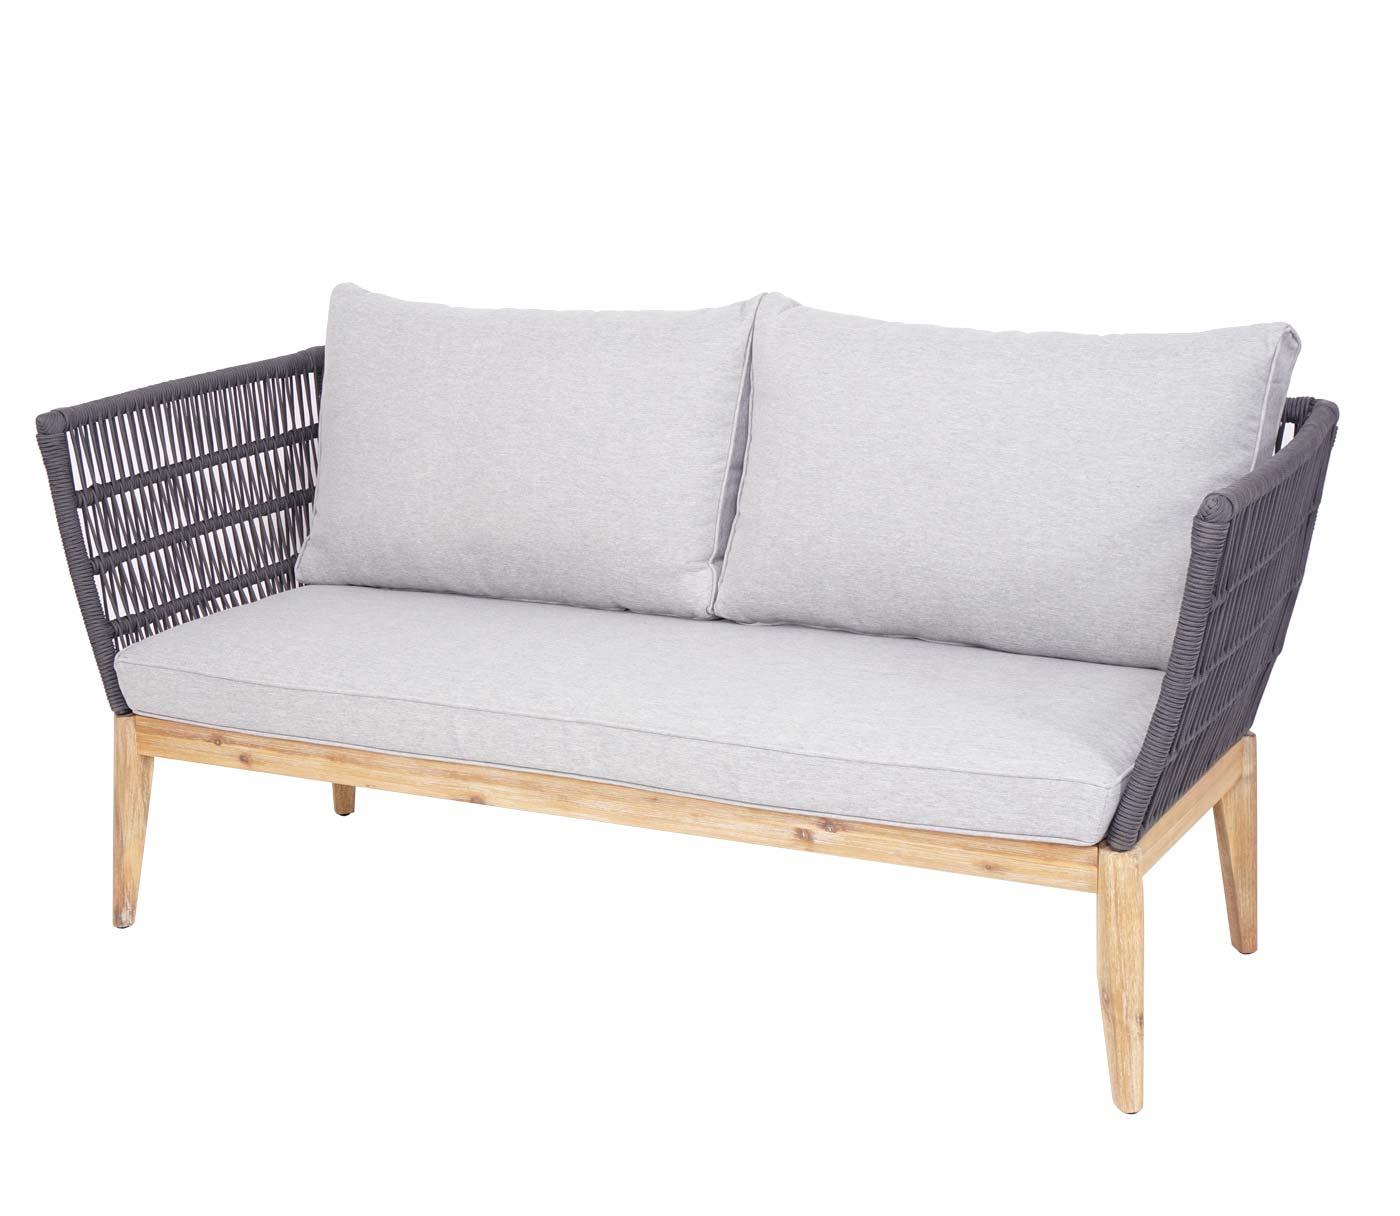 Gartengarnitur HWC-H55 Sofa